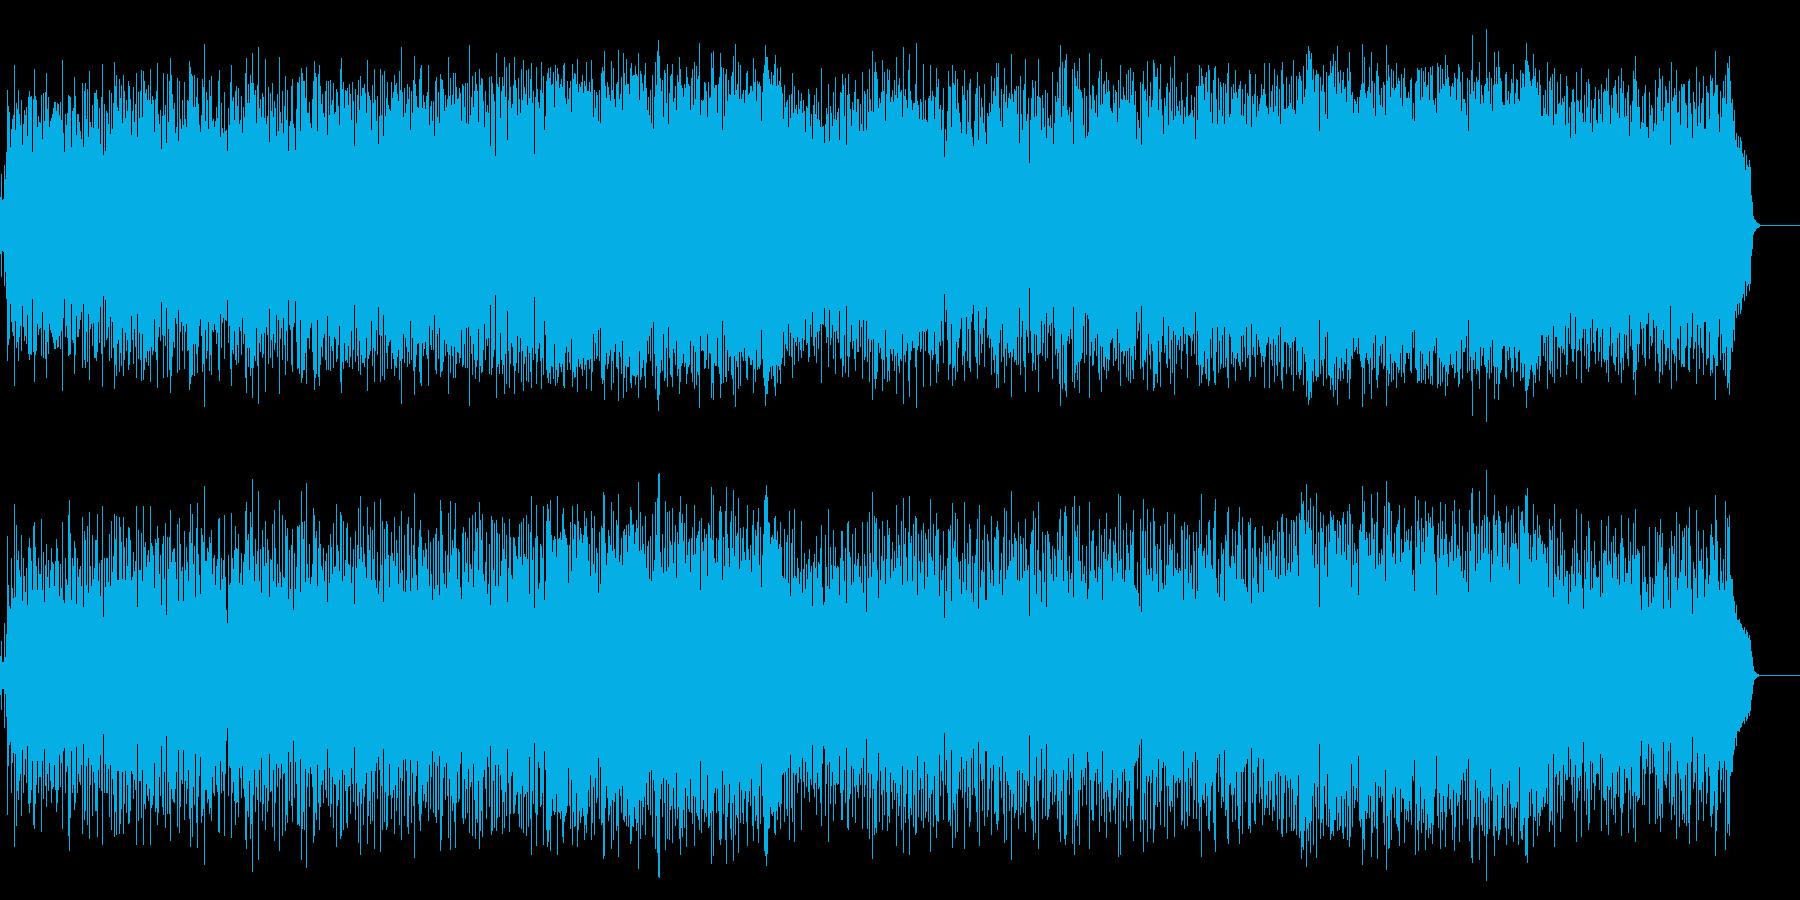 活力を与える暖かなポップ(フルサイズ)の再生済みの波形